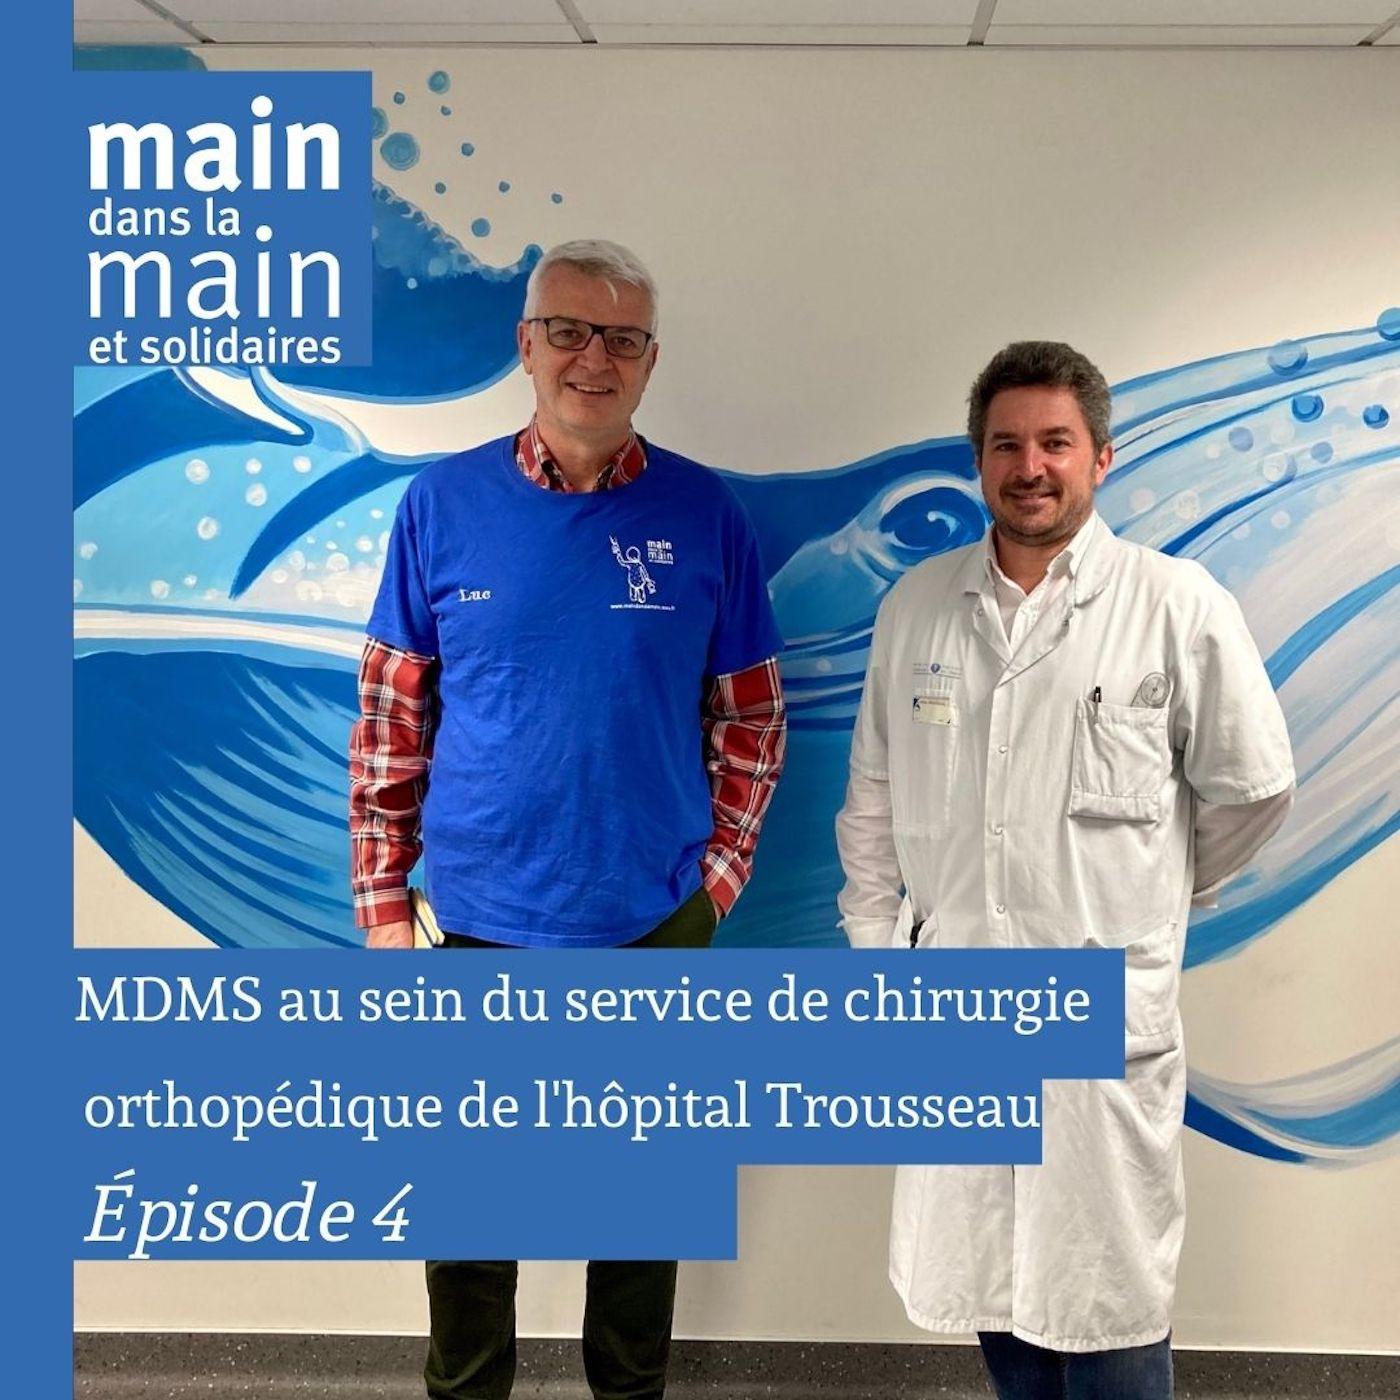 Episode 4 : MDMS à Trousseau avec le Professeur Raphaël Vialle et le bénévole Luc Pinguet